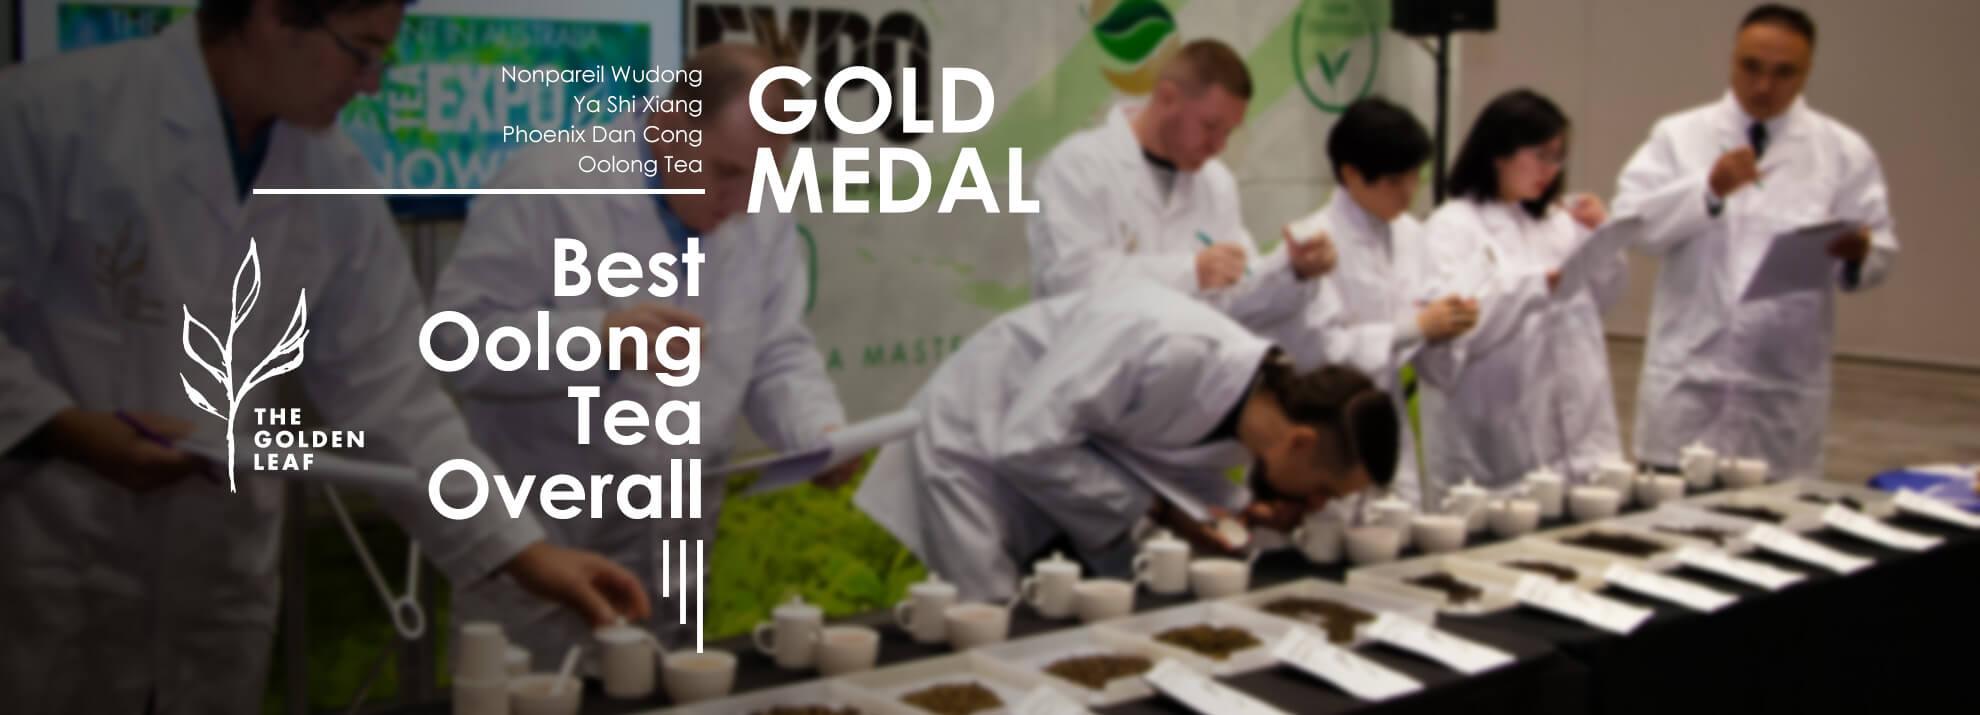 Gold Medal Award – Nonpareil Wudong Ya Shi Xiang Phoenix Dan Cong Oolong Tea